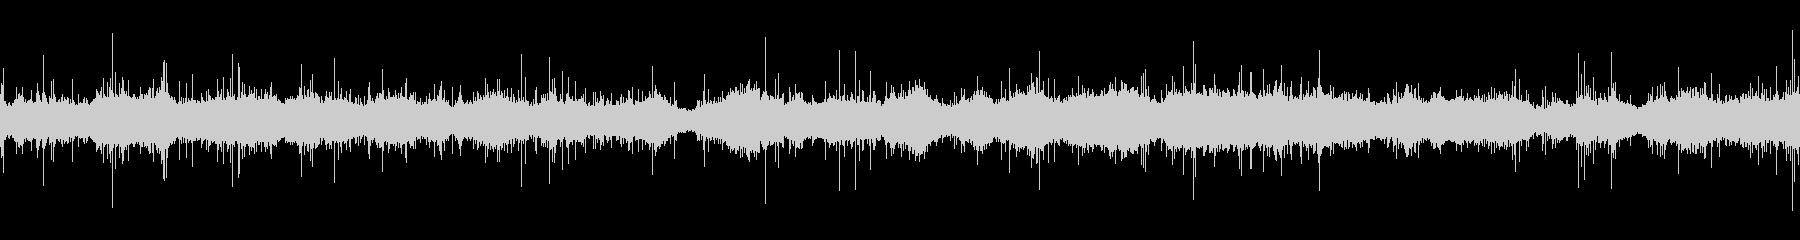 ムードノイズ「サラサラ…」2の未再生の波形